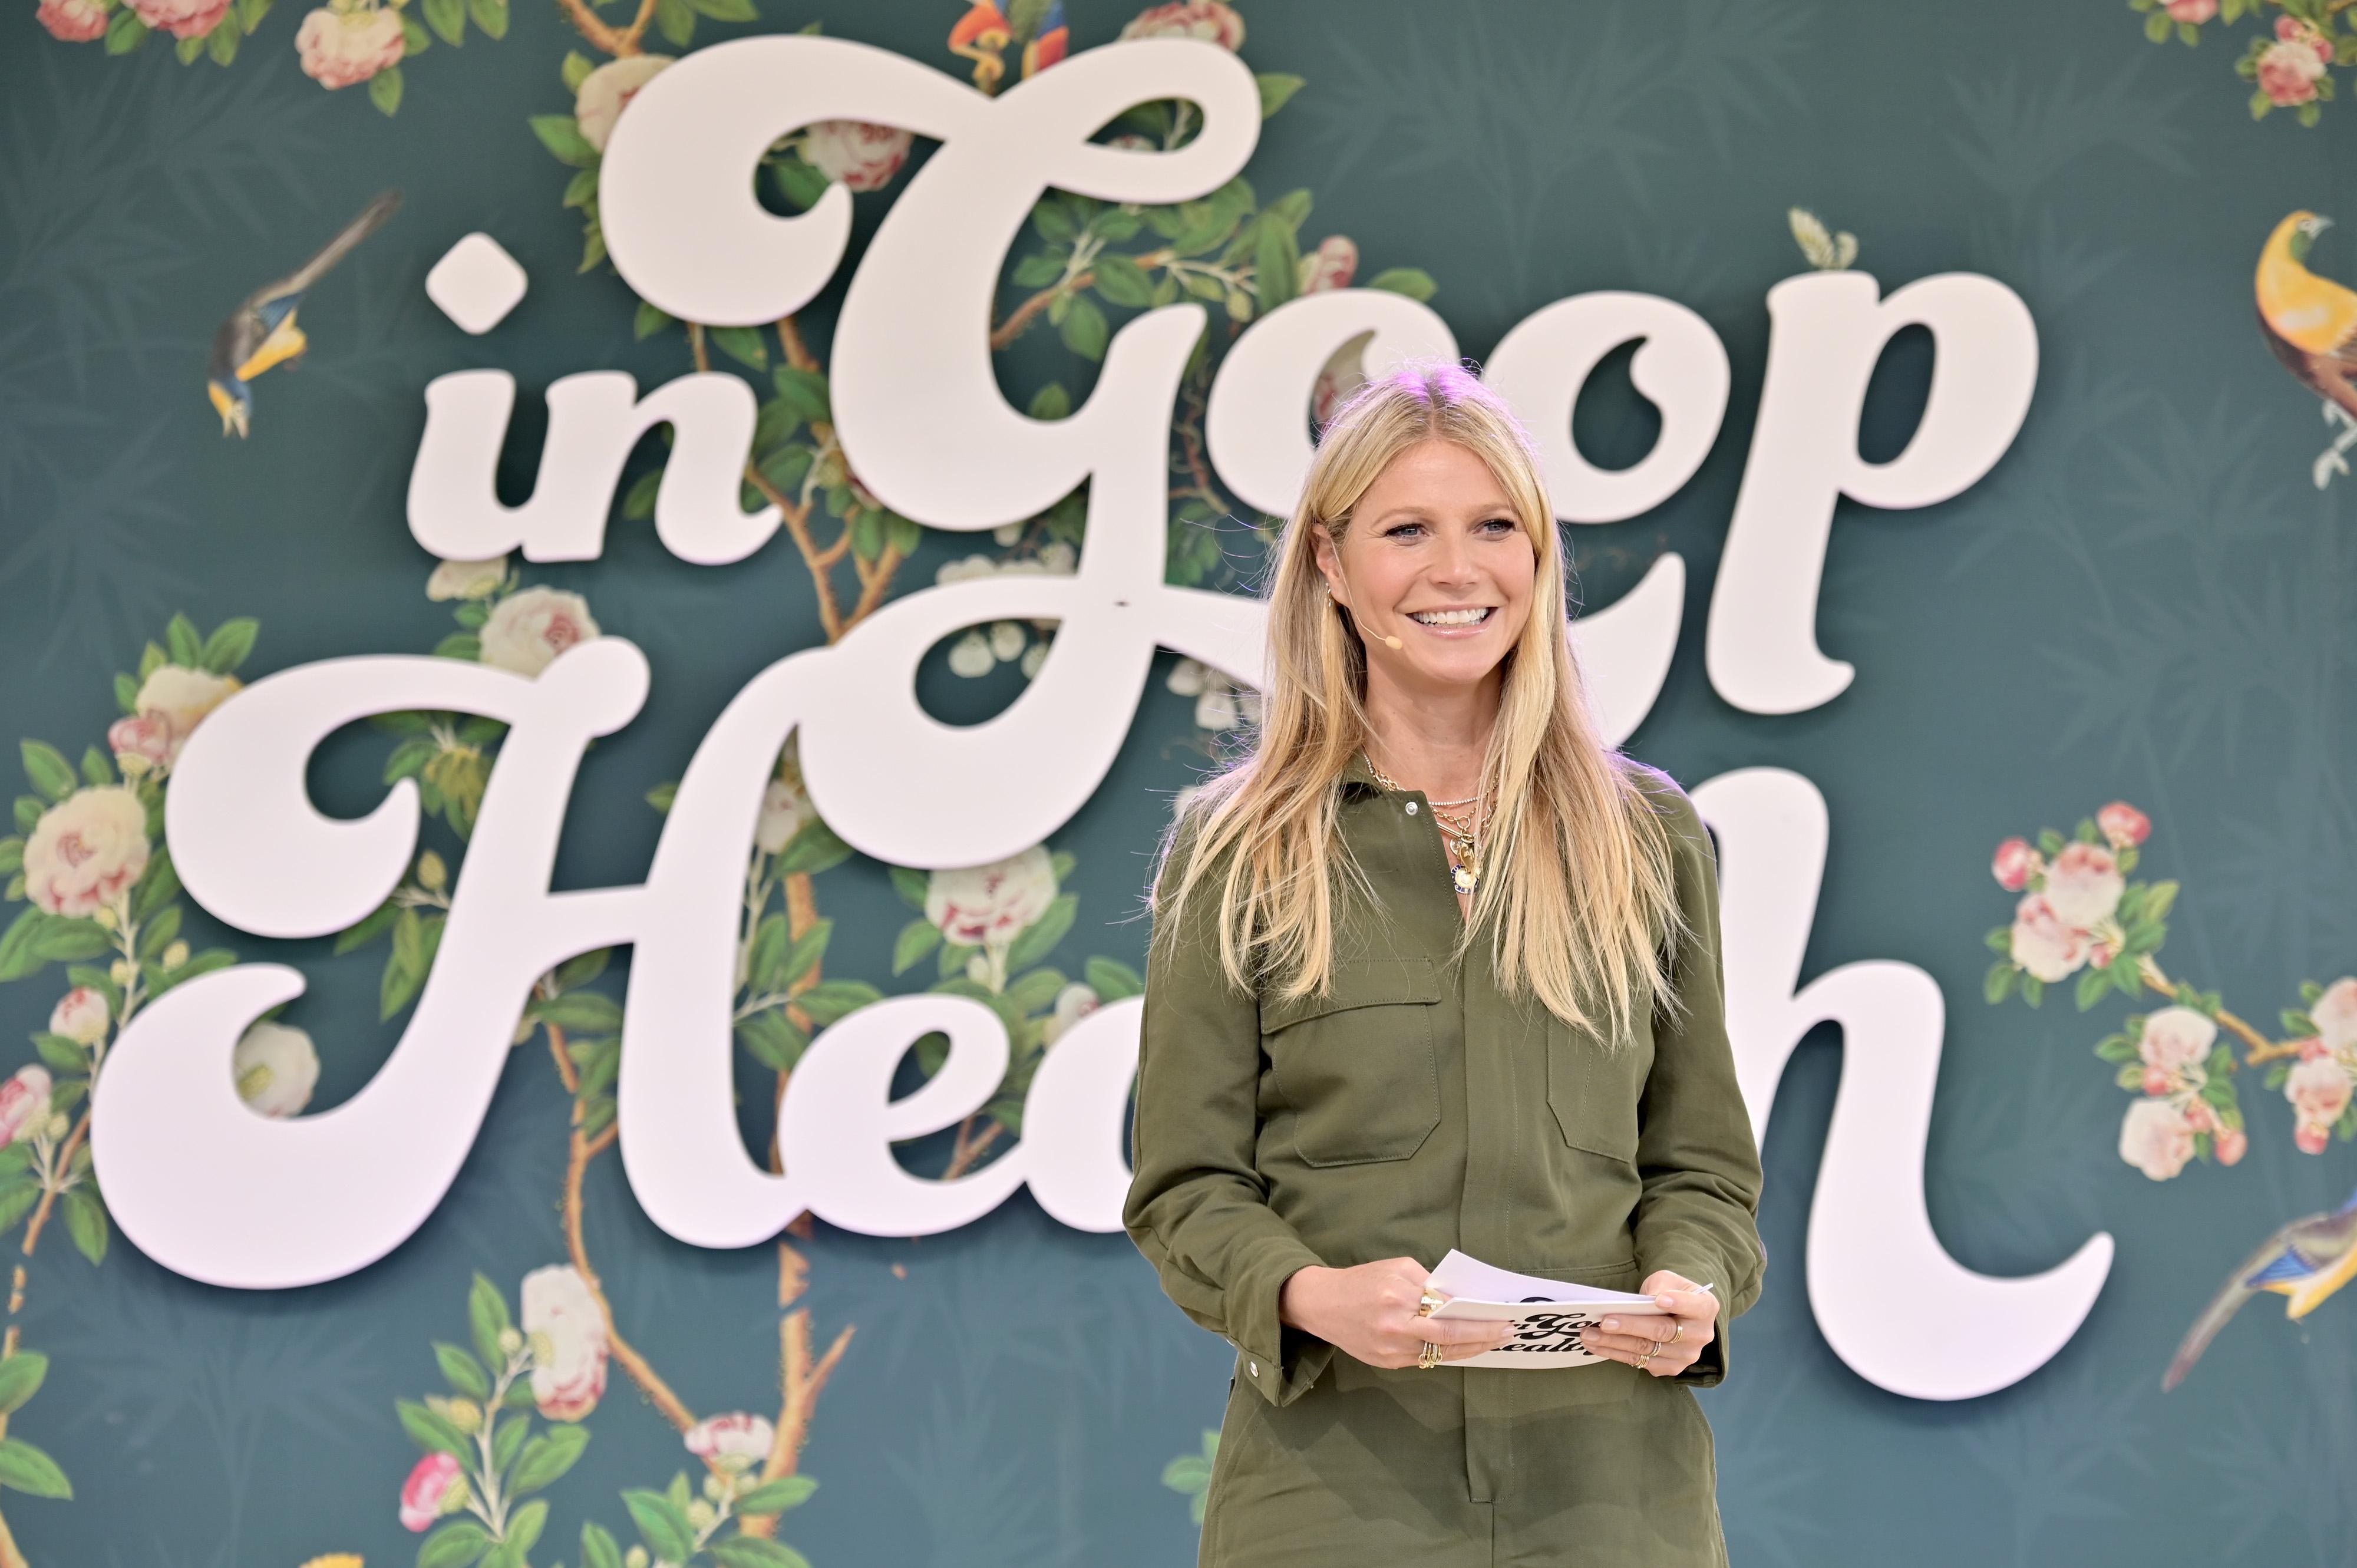 CEO Gwyneth Paltrow speaks onstage at In goop Health Summit Los Angeles 2019 at Rolling Greens Nursery on May 18, 2019 in Los Angeles, California.